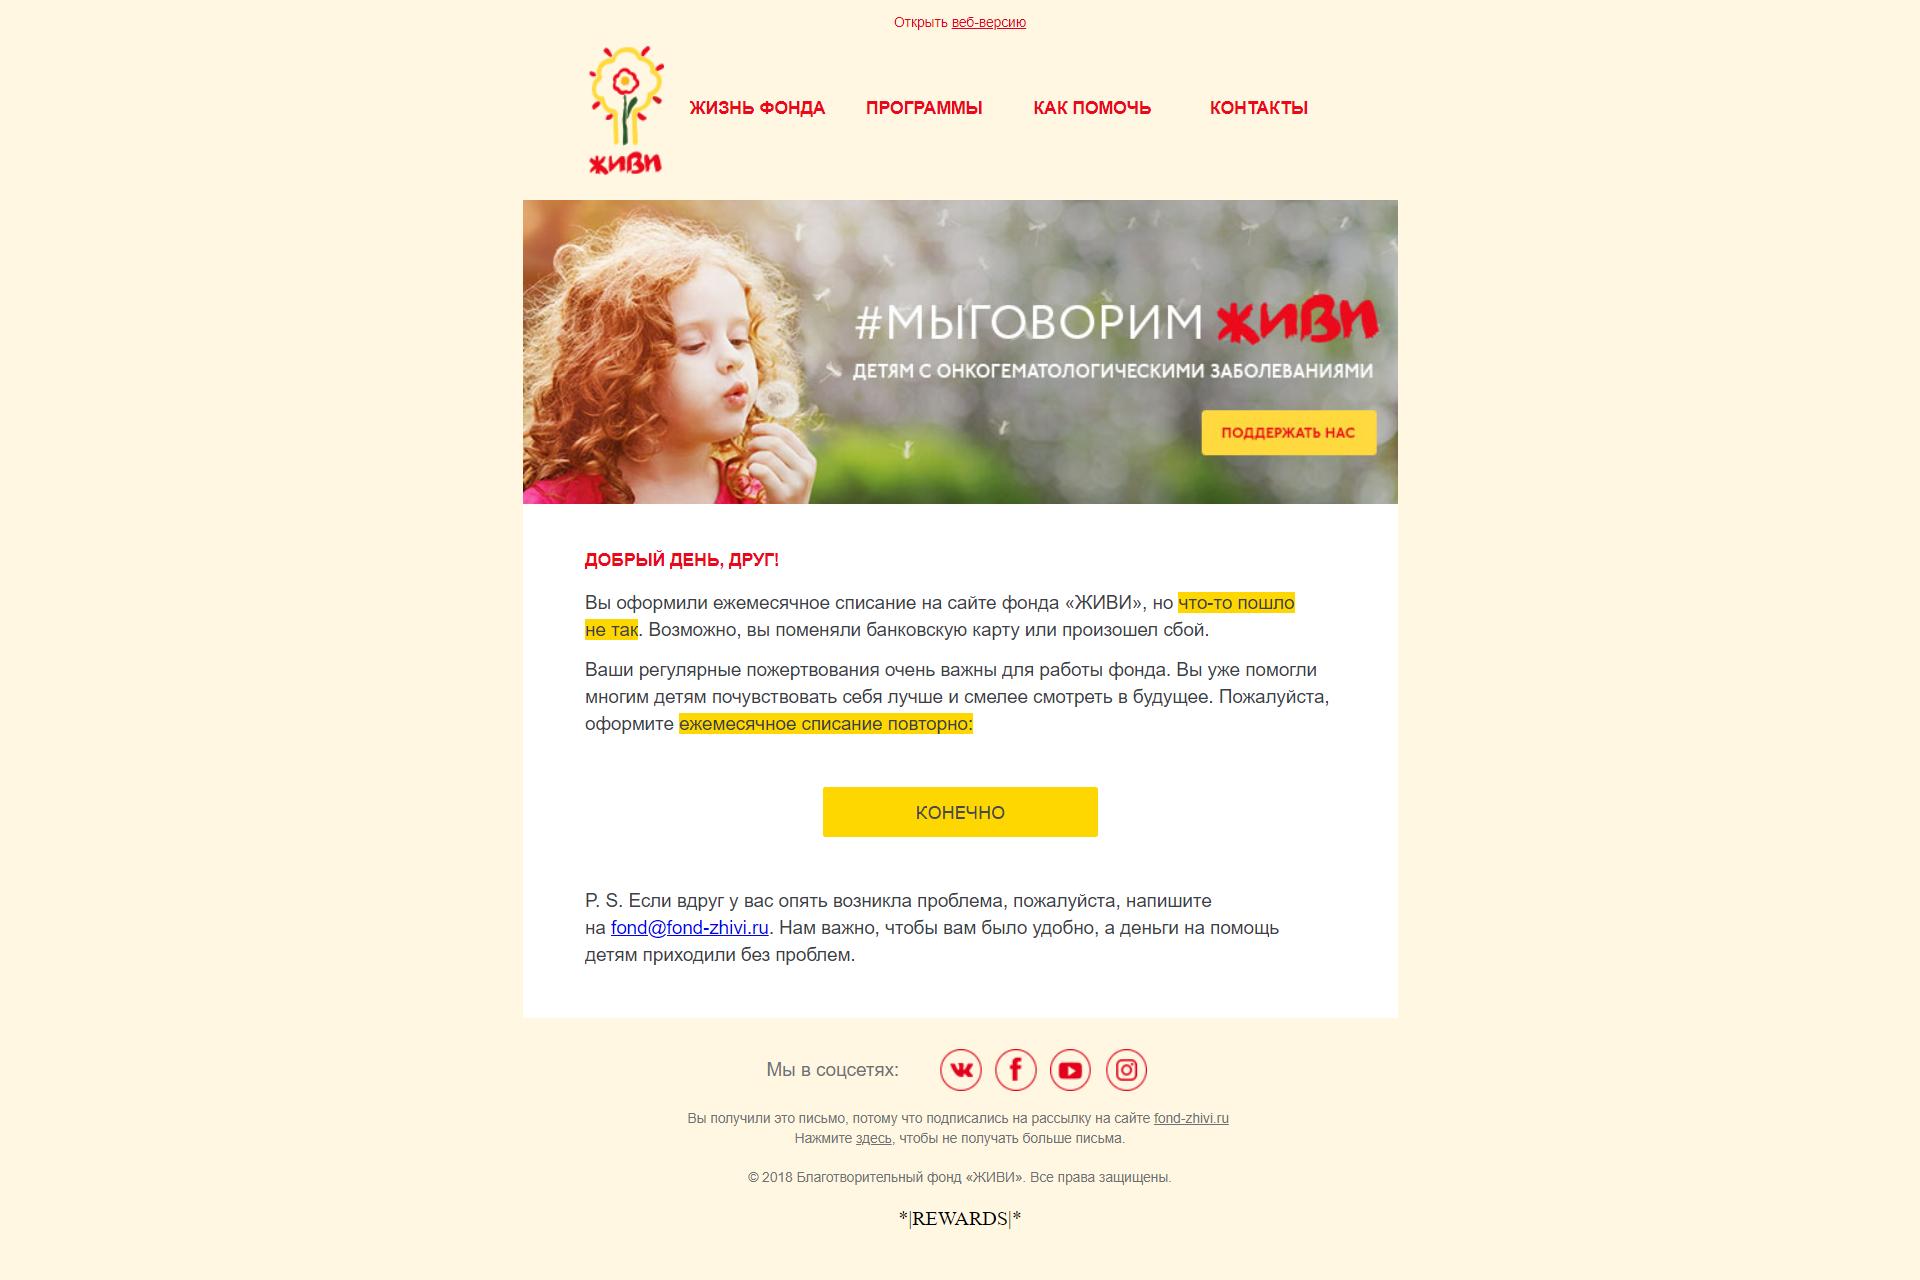 email-маркетинг для благотворительности, триггерное письмо